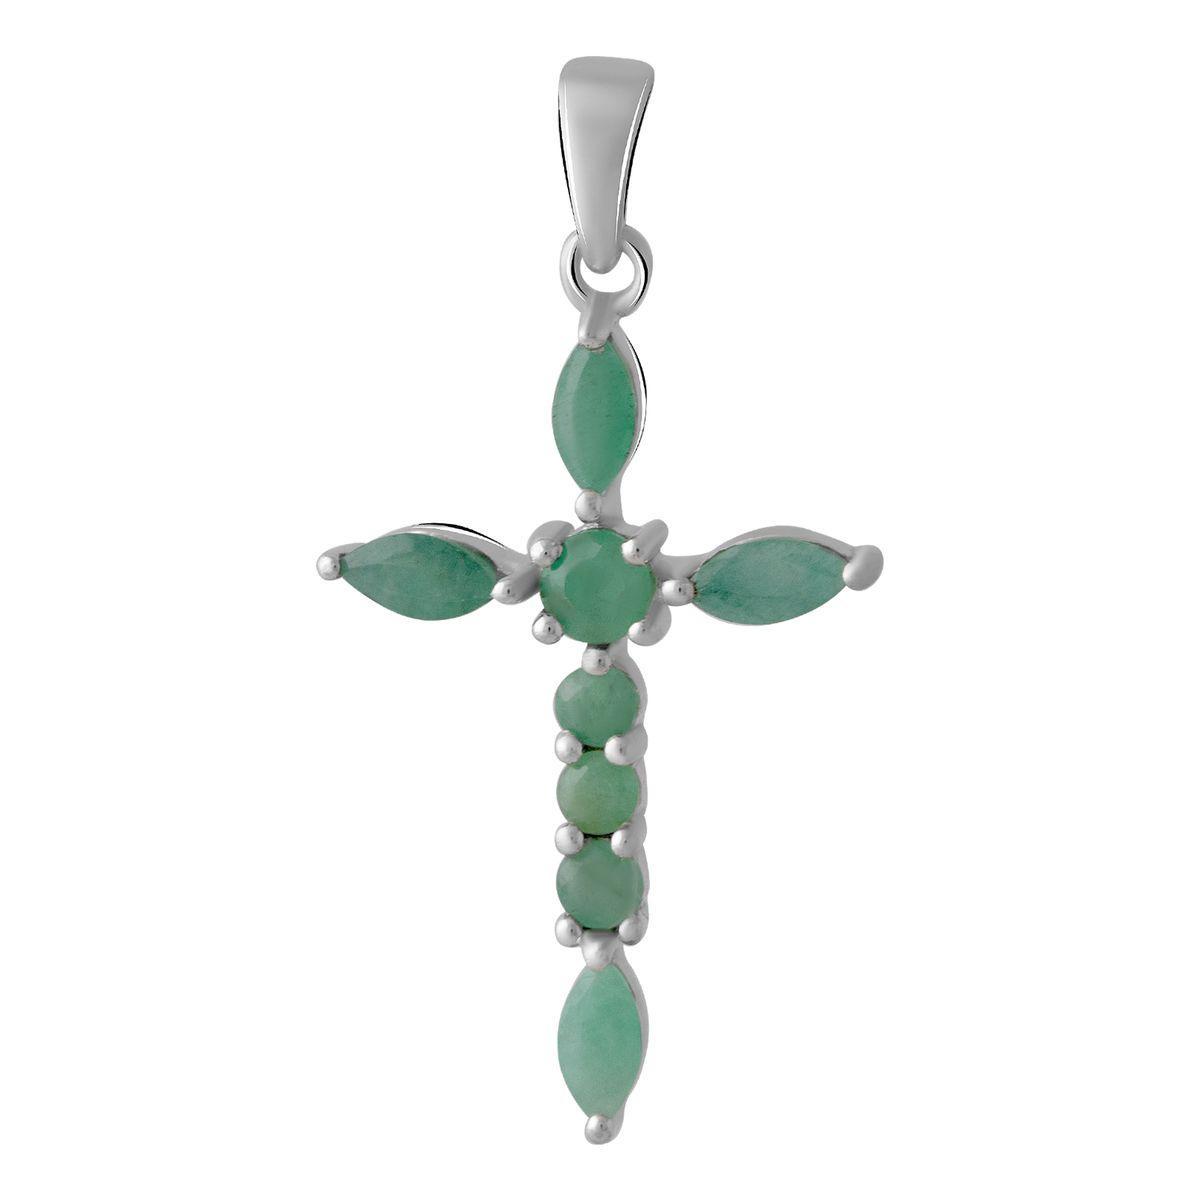 Срібний хрестик DreamJewelry з смарагдом 1.45 ct (2053606)